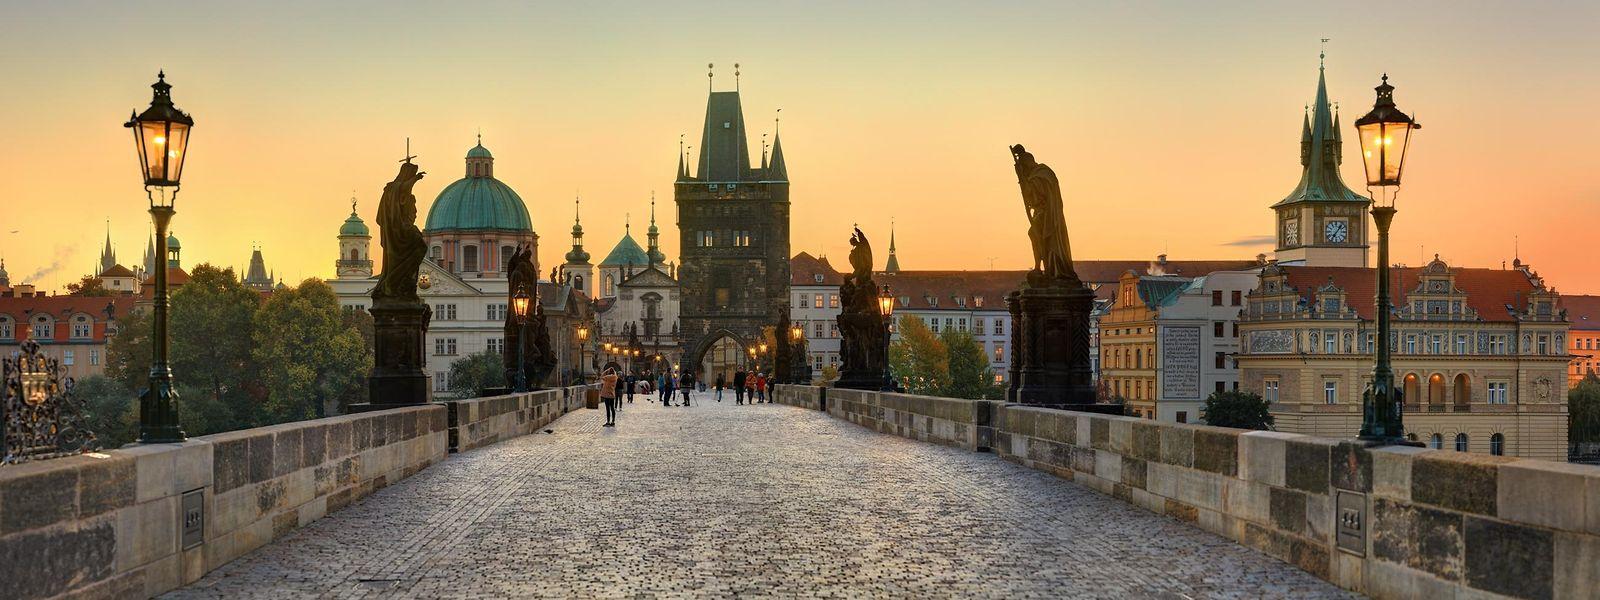 Die tschechische Hauptstadt Prag birgt unzählige weltberühmte Wahrzeichen, wie etwa die Karlsbrücke mit barocken Statuen und mittelalterlichen Türmen.